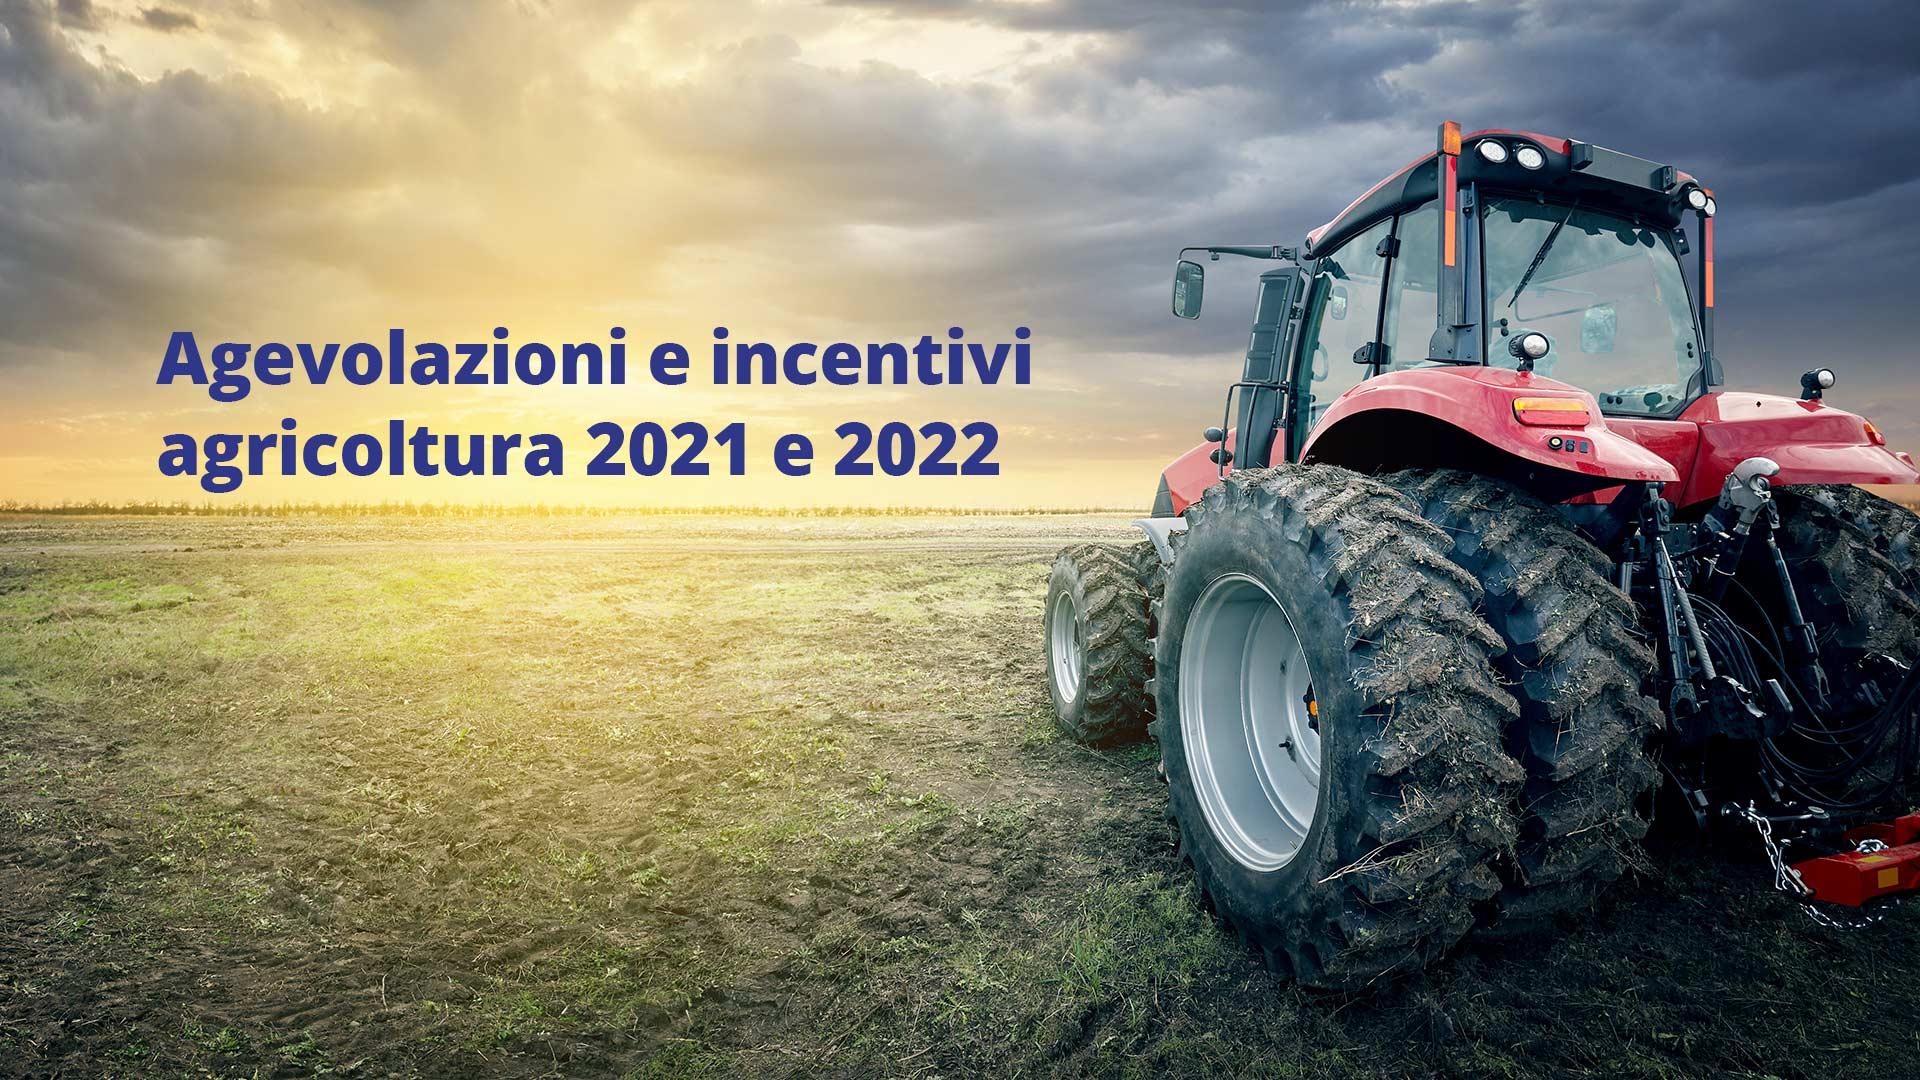 Agevolazioni agricoltura 2021 e 2022 a Corigliano-Rossano